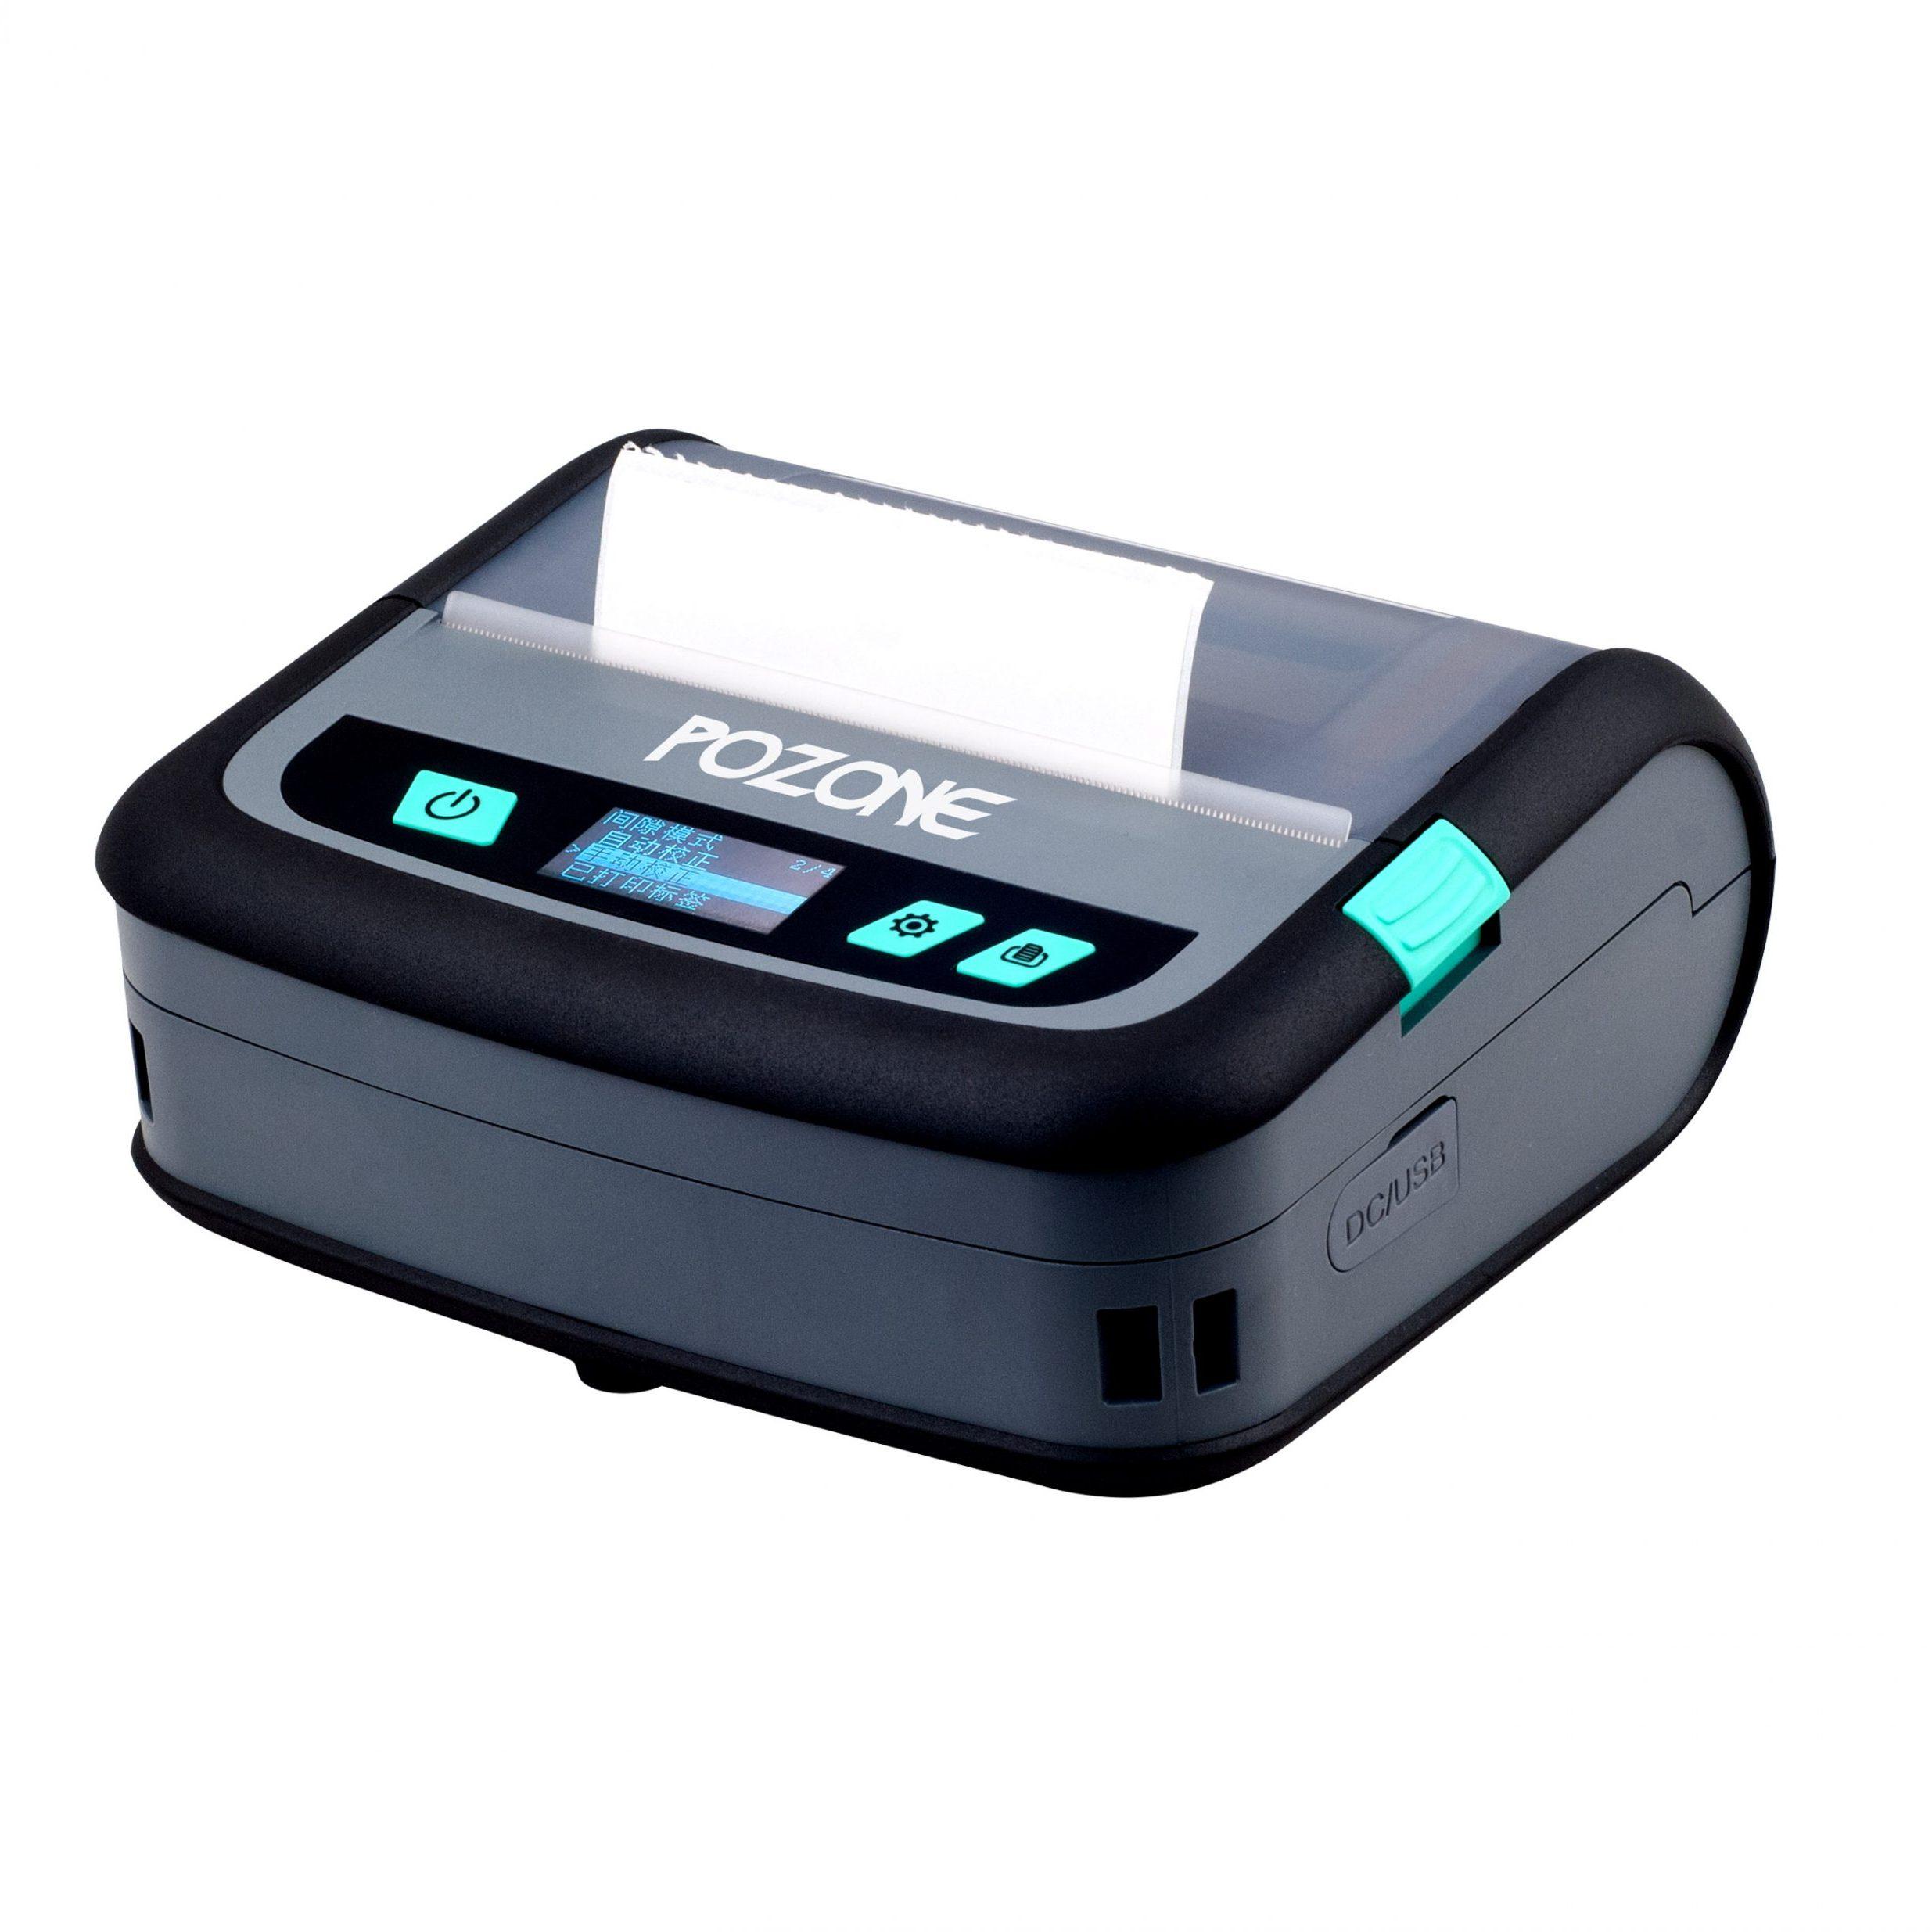 Mobile Printer MP410B